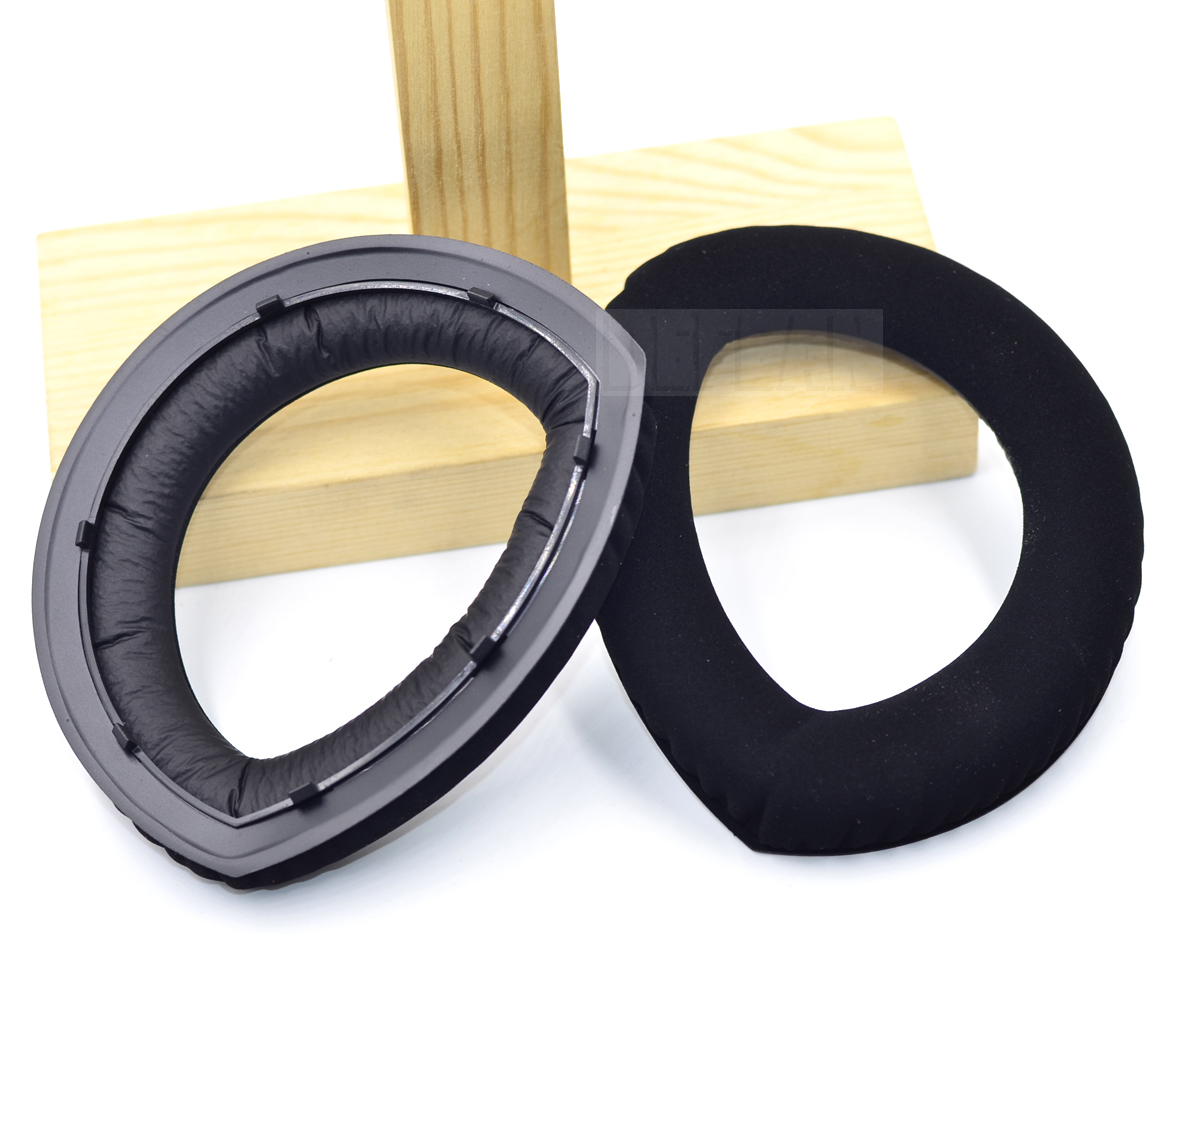 1Pair Ear Pad Cushion Replacement for Sennheiser pxc350 450 HD380 Headphone H1E3